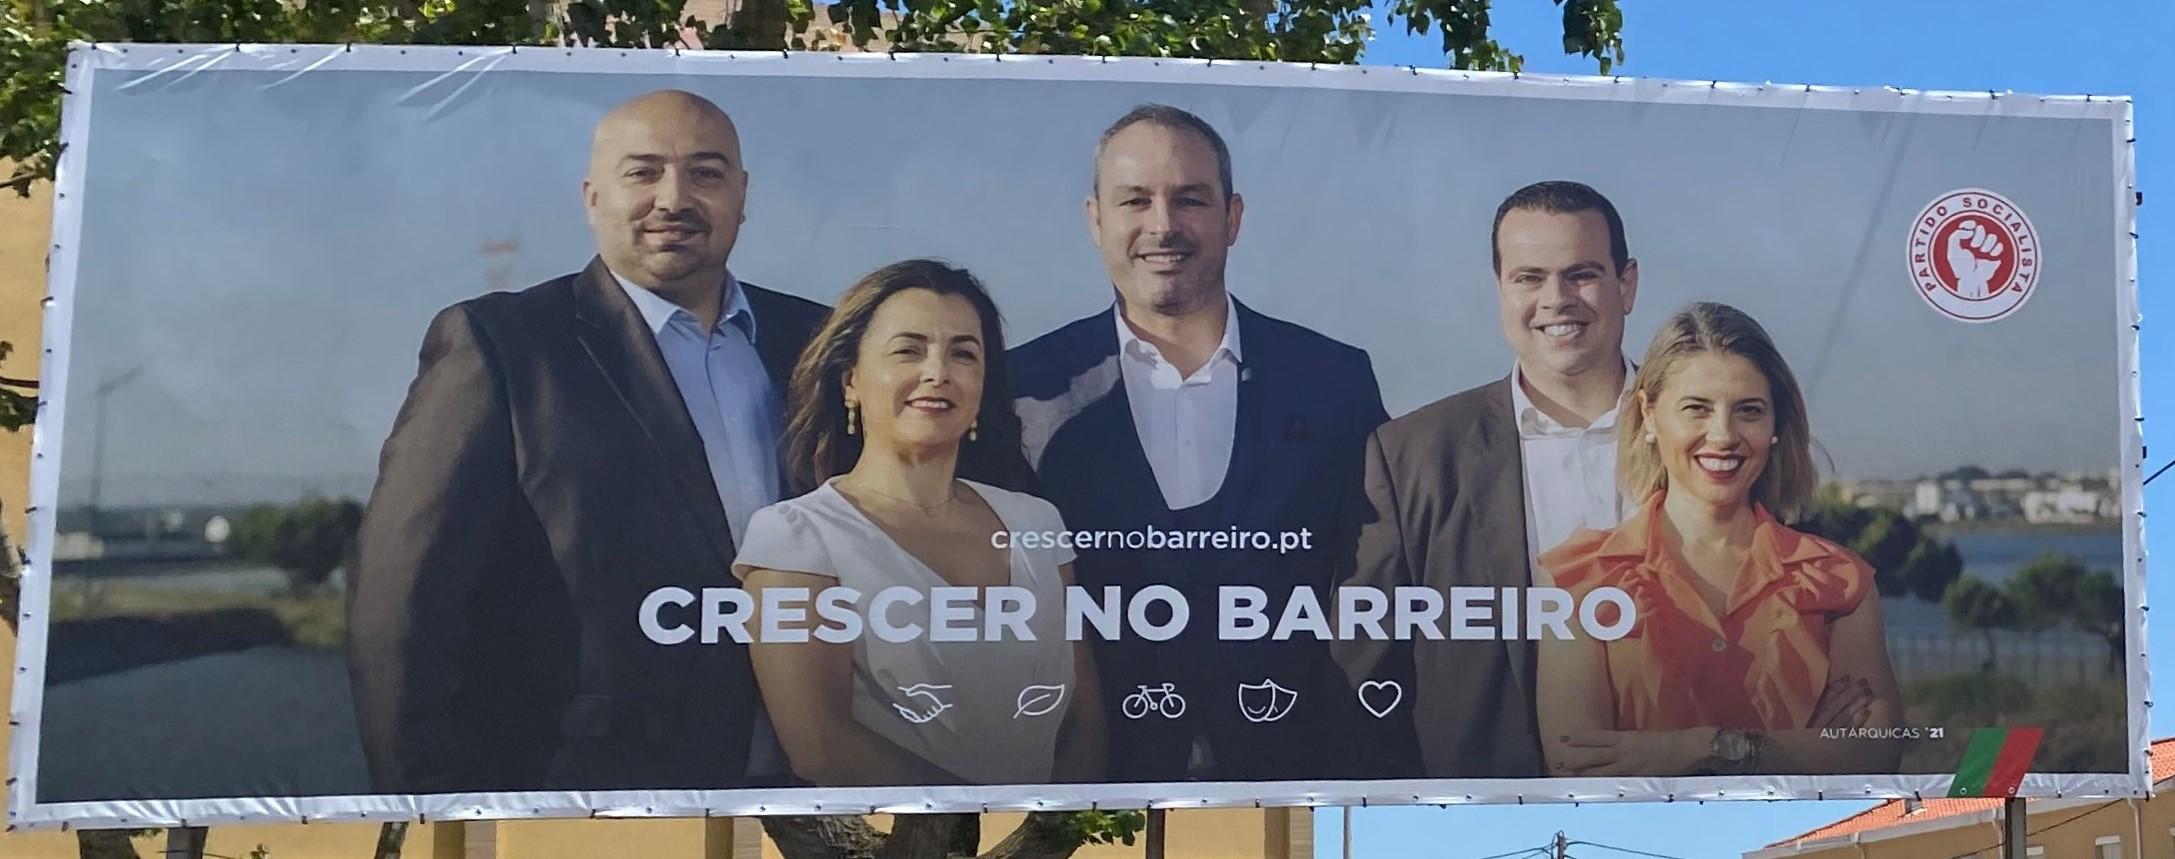 PS_2021_Barreiro_000002